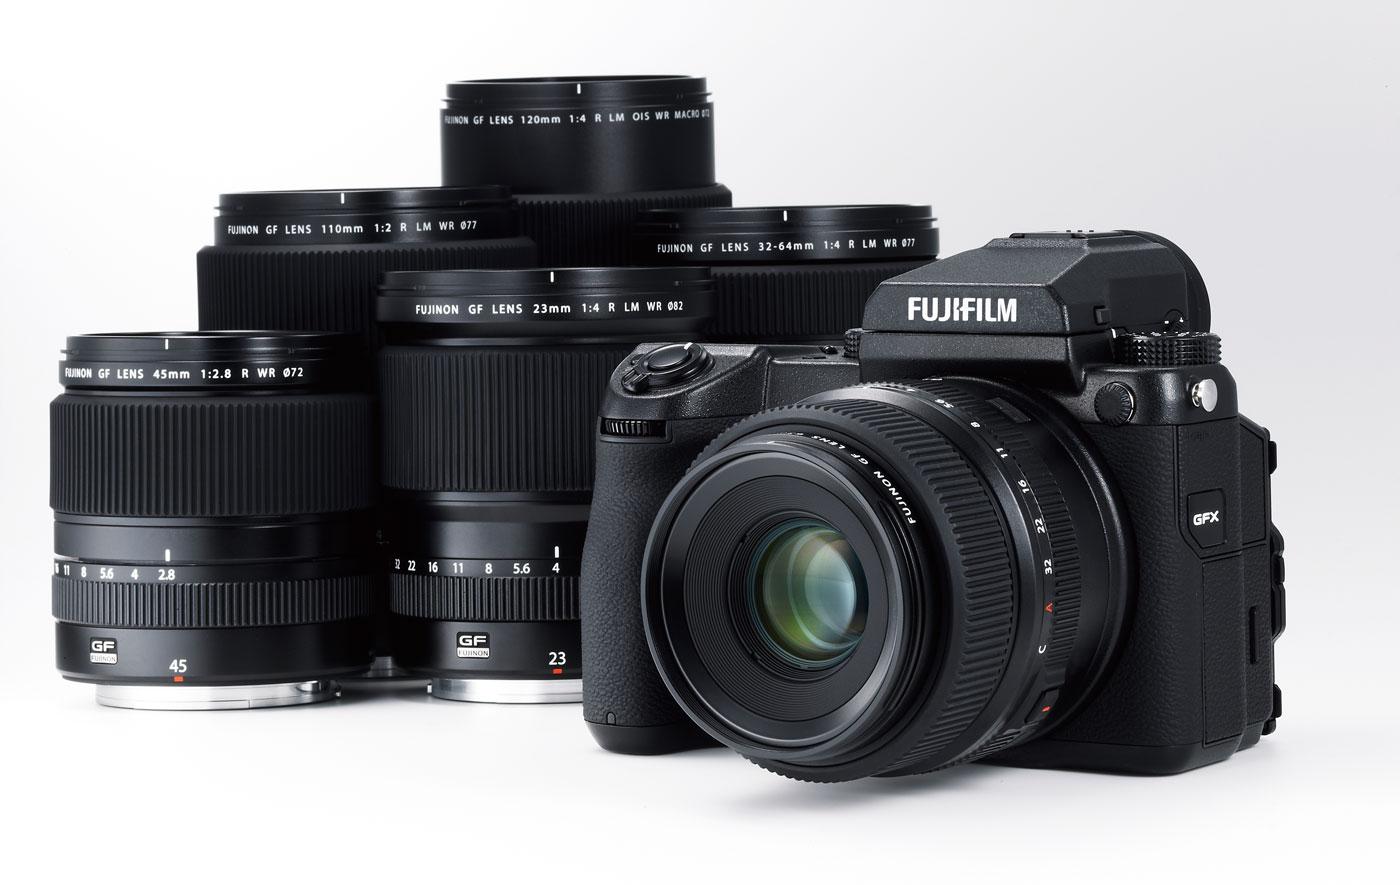 Fujifilm GFX : une mise à jour ajoute la vidéo 4K RAW et améliore l'autofocus du moyen format